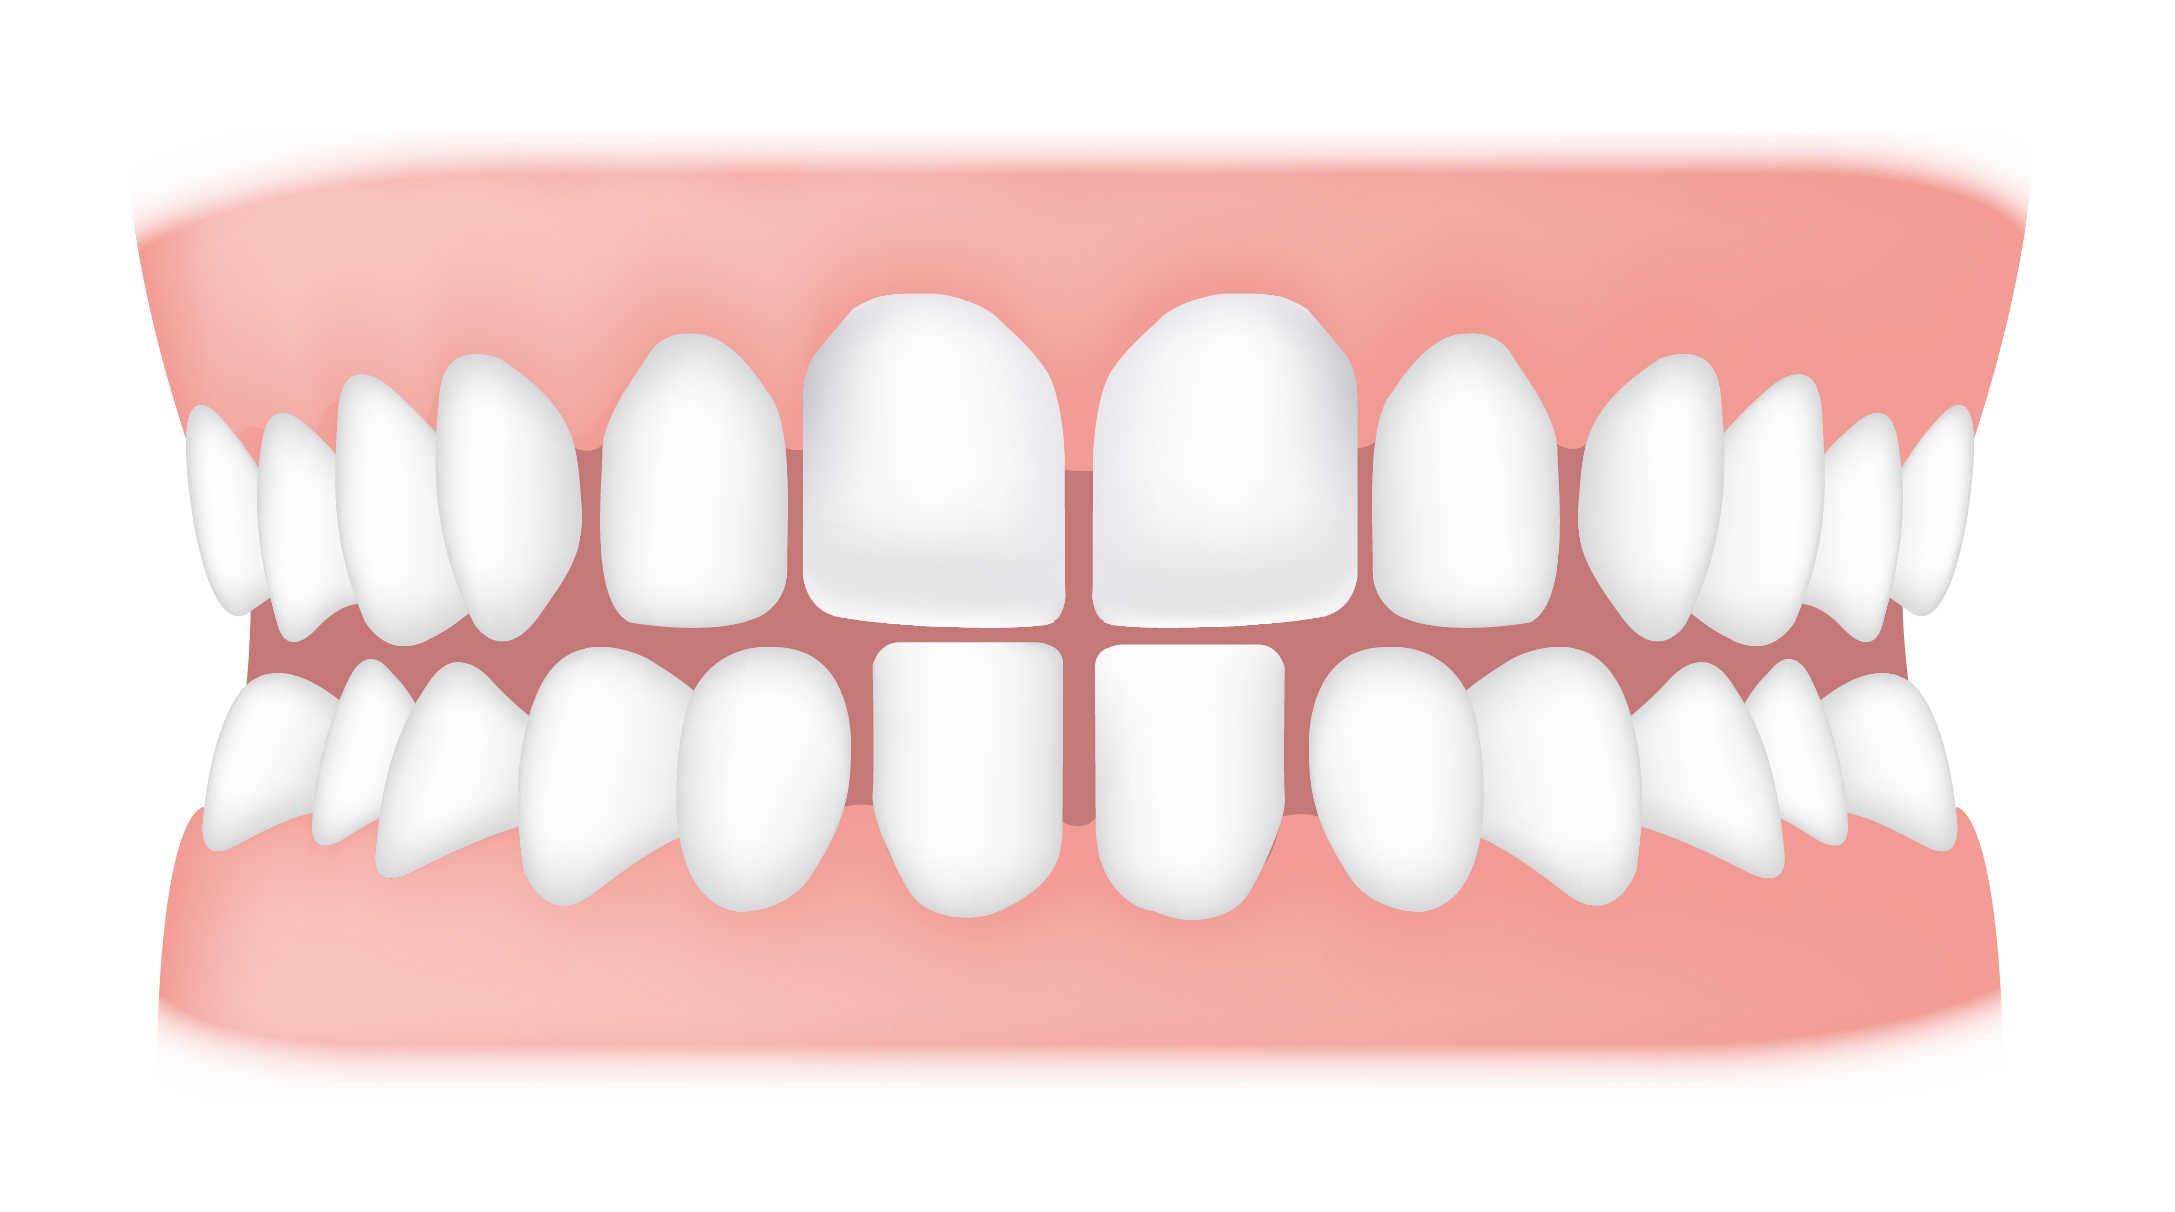 شکل- فاصله بین دندانها به علت بزرگ بودن اندازه فک در مقایسه با اندازه دندانها